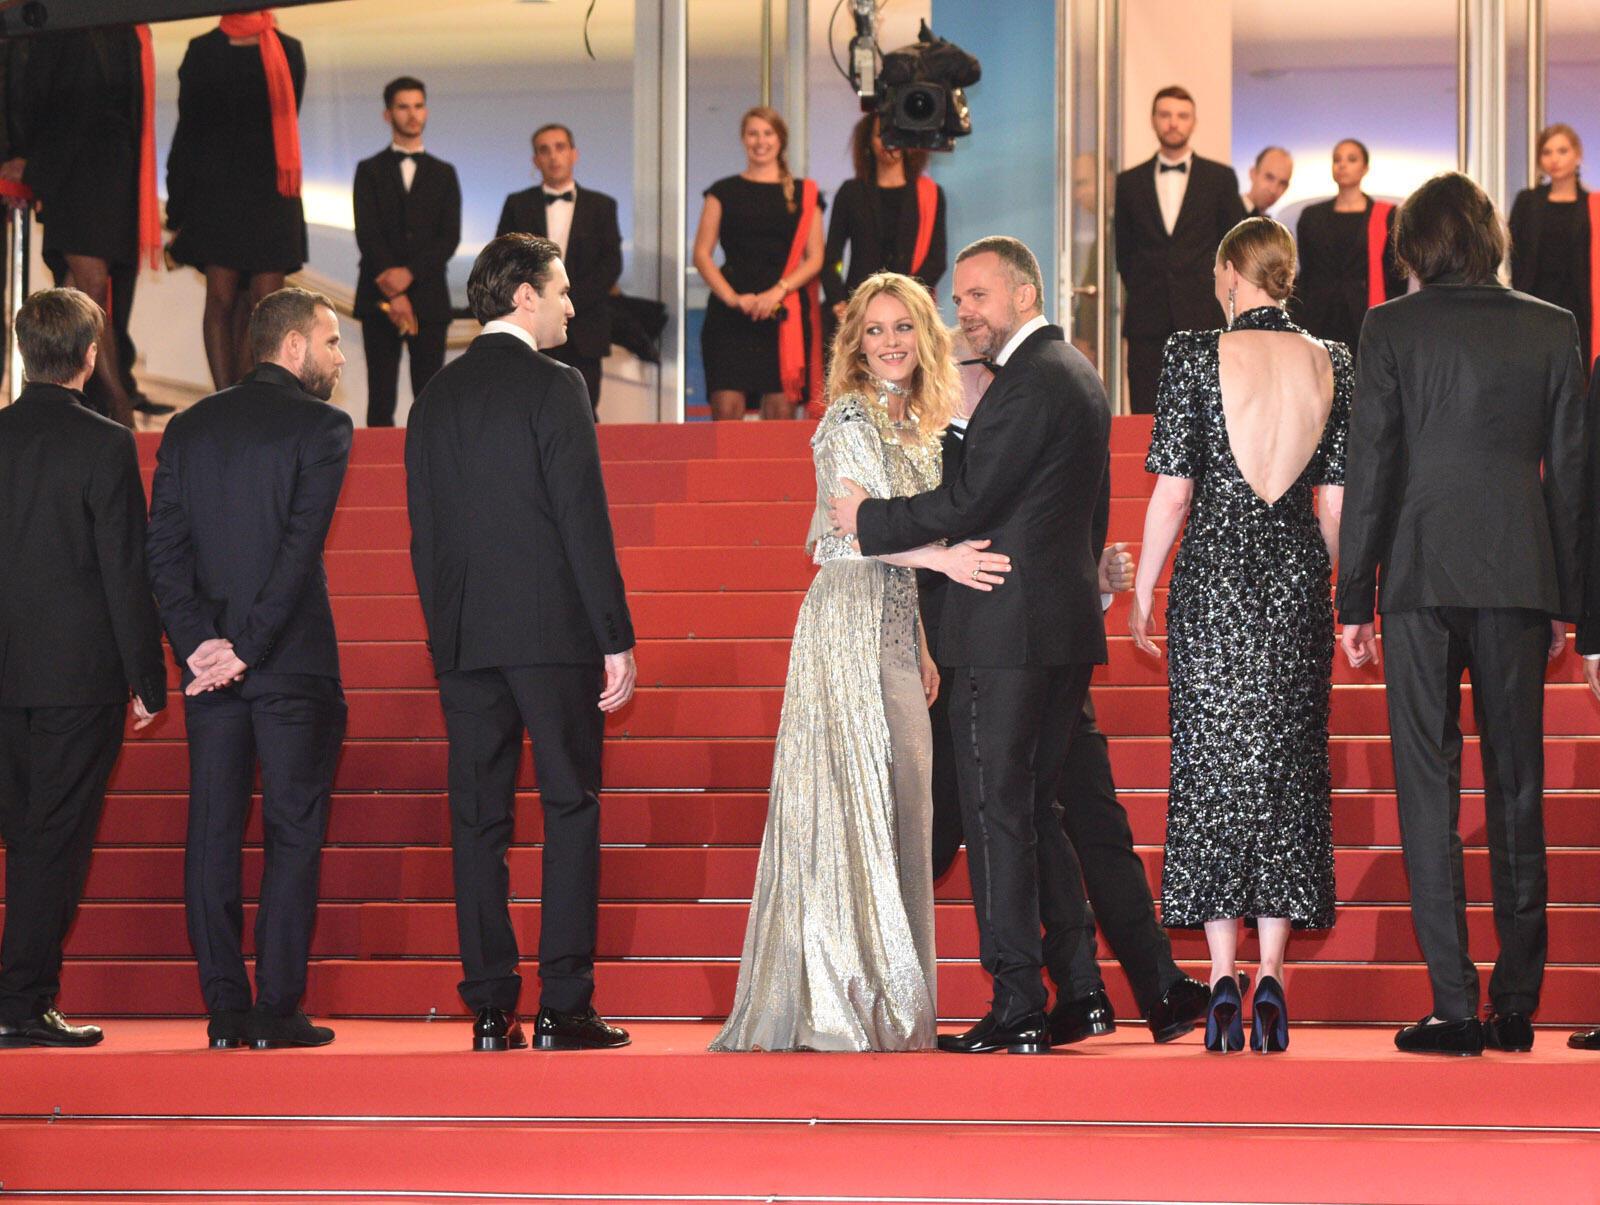 Vanessa Paradis y el director Yann Gonzalez arriba de los escalones. La película 'Un cuchillo en el corazón' se presenta en competencia oficial.